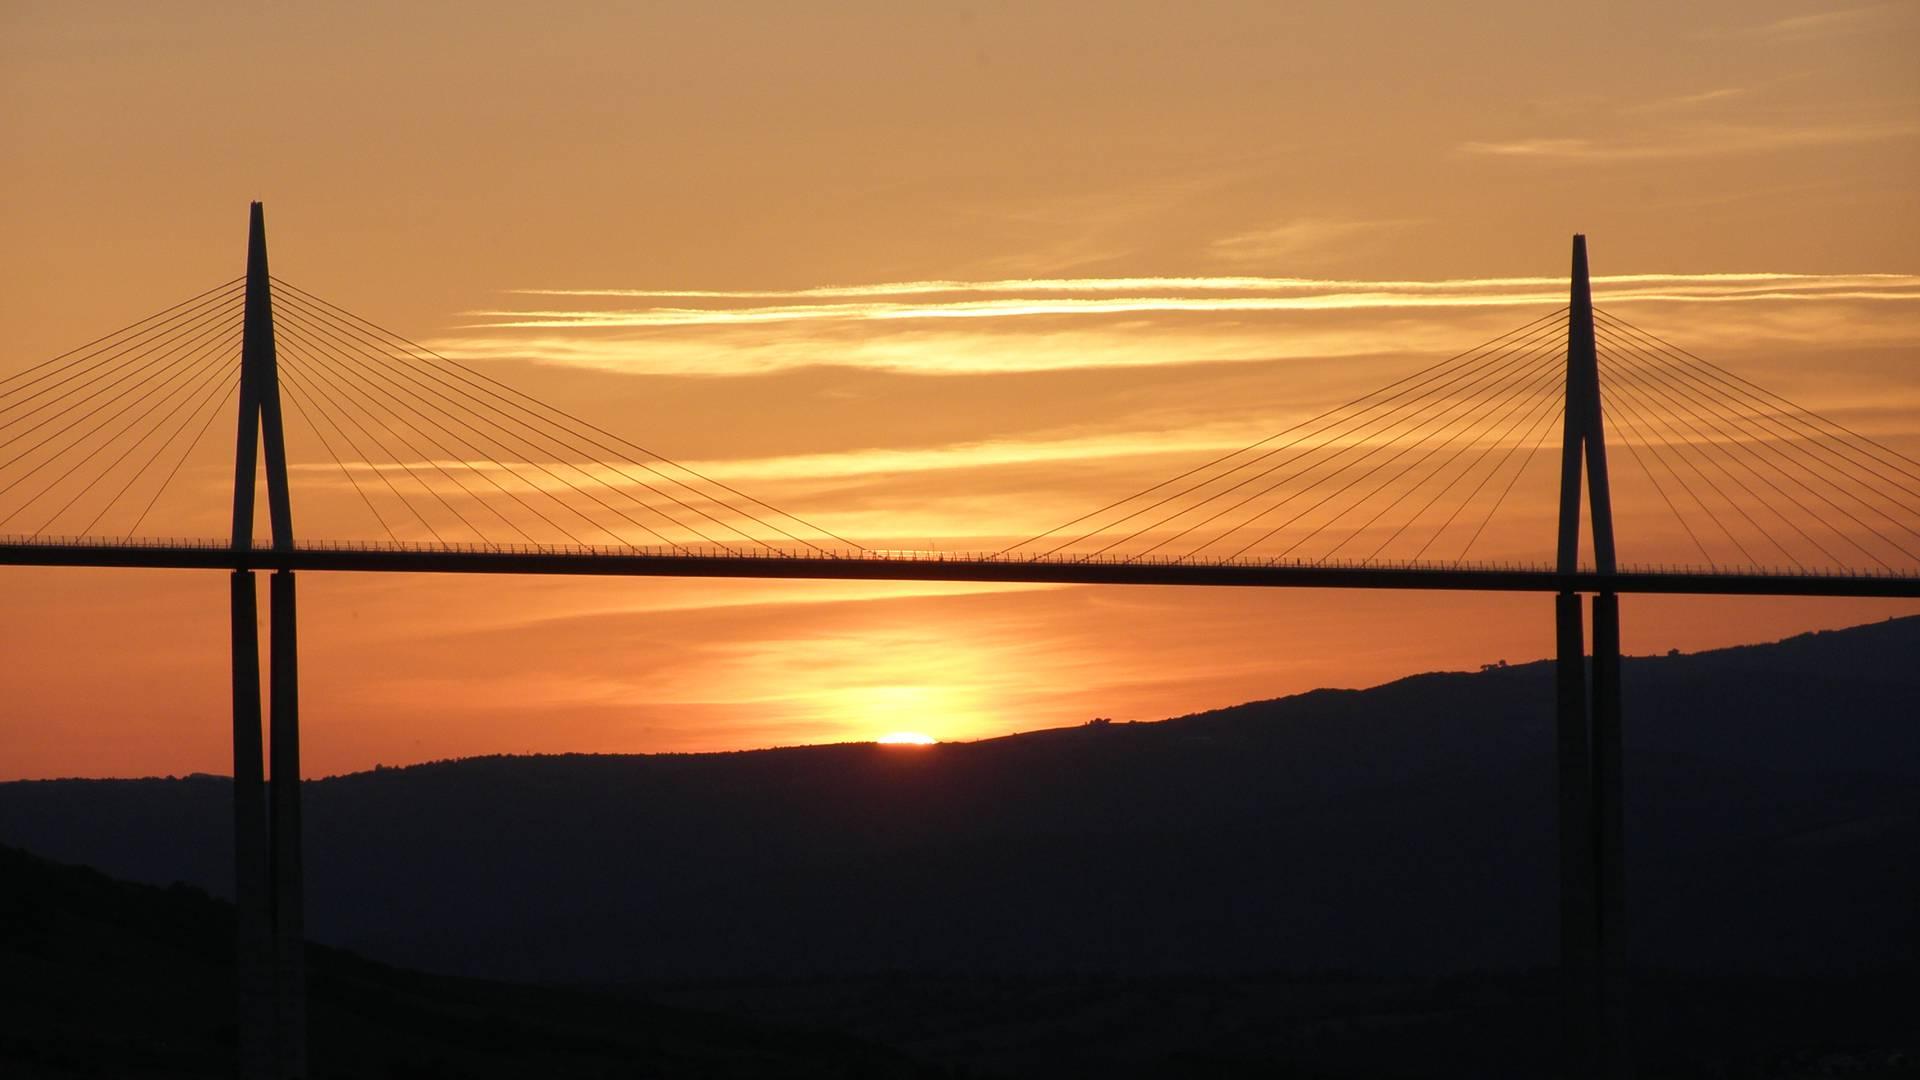 Coucher de soleil sur le viaduc de Millau